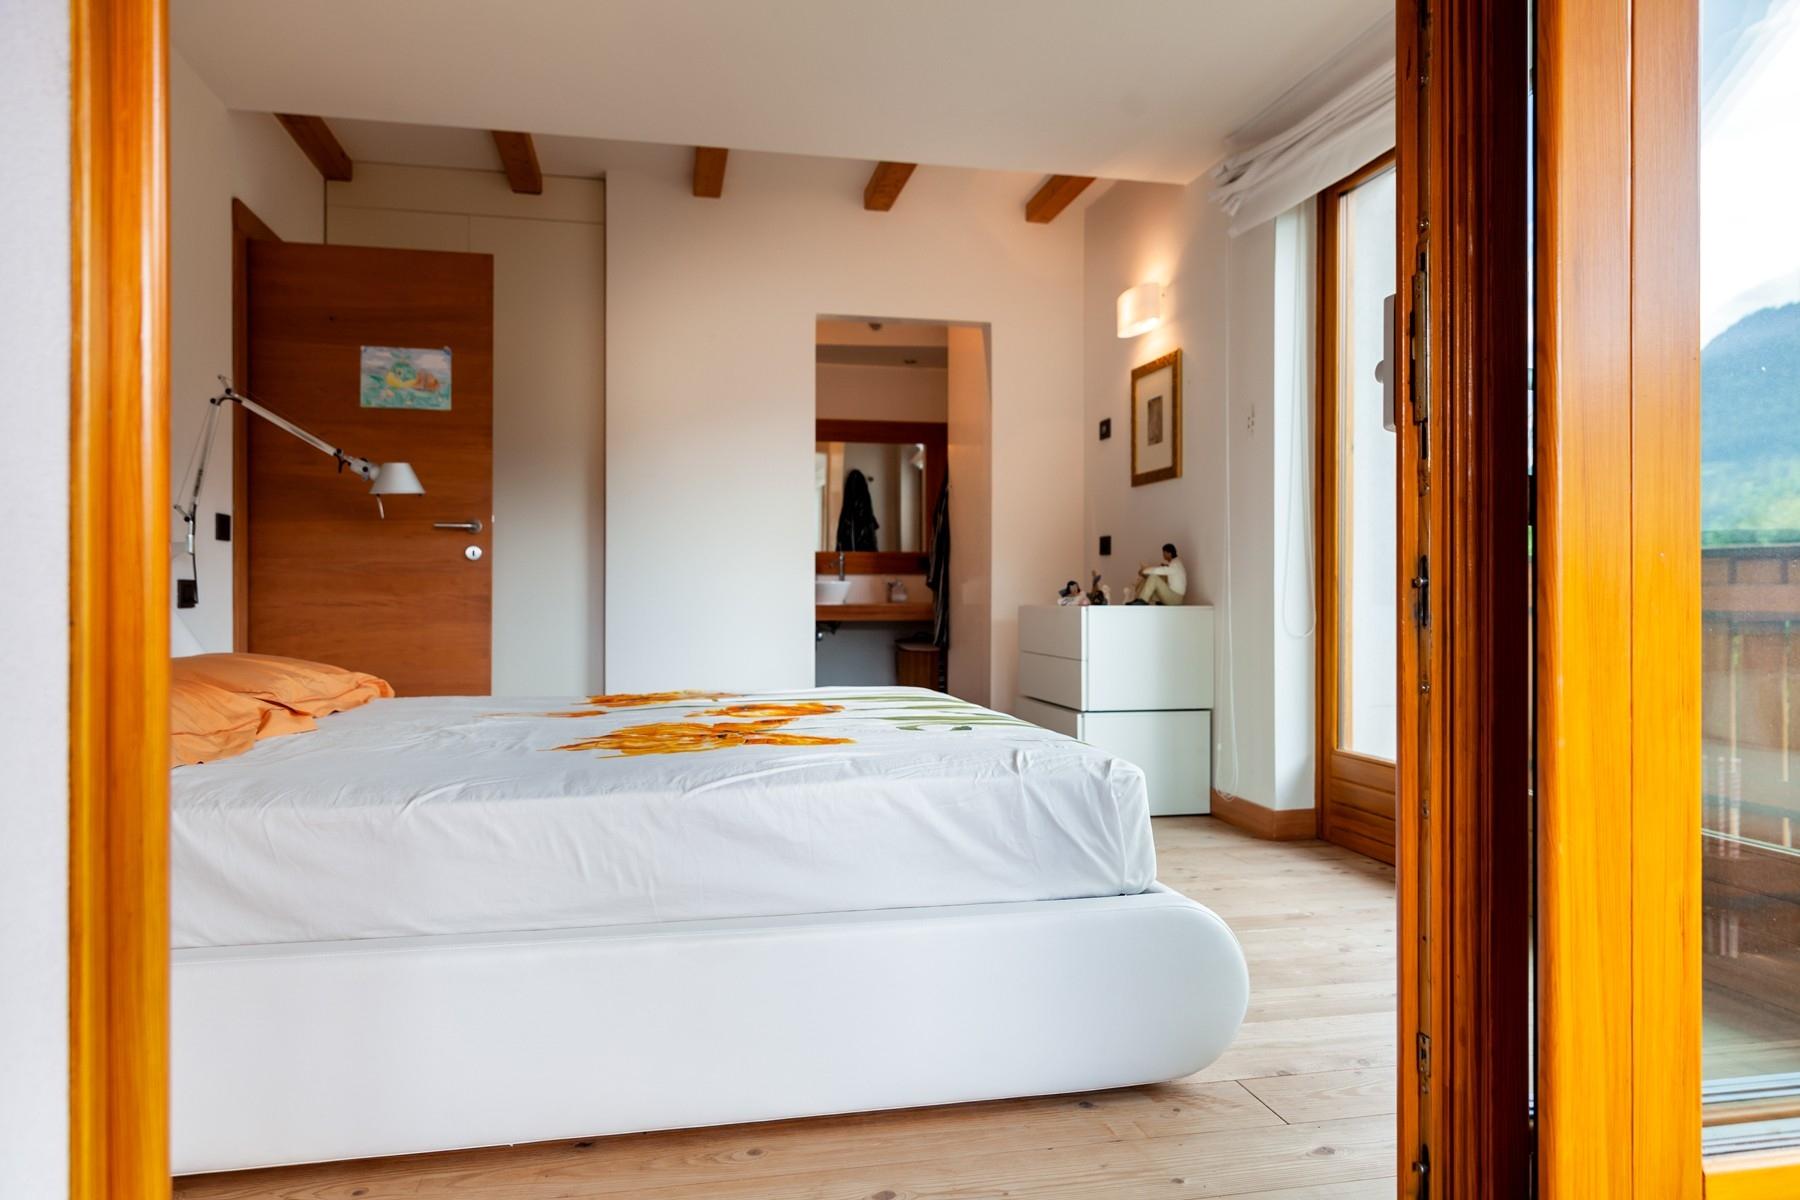 Casa indipendente in Vendita a Tarvisio: 5 locali, 300 mq - Foto 13